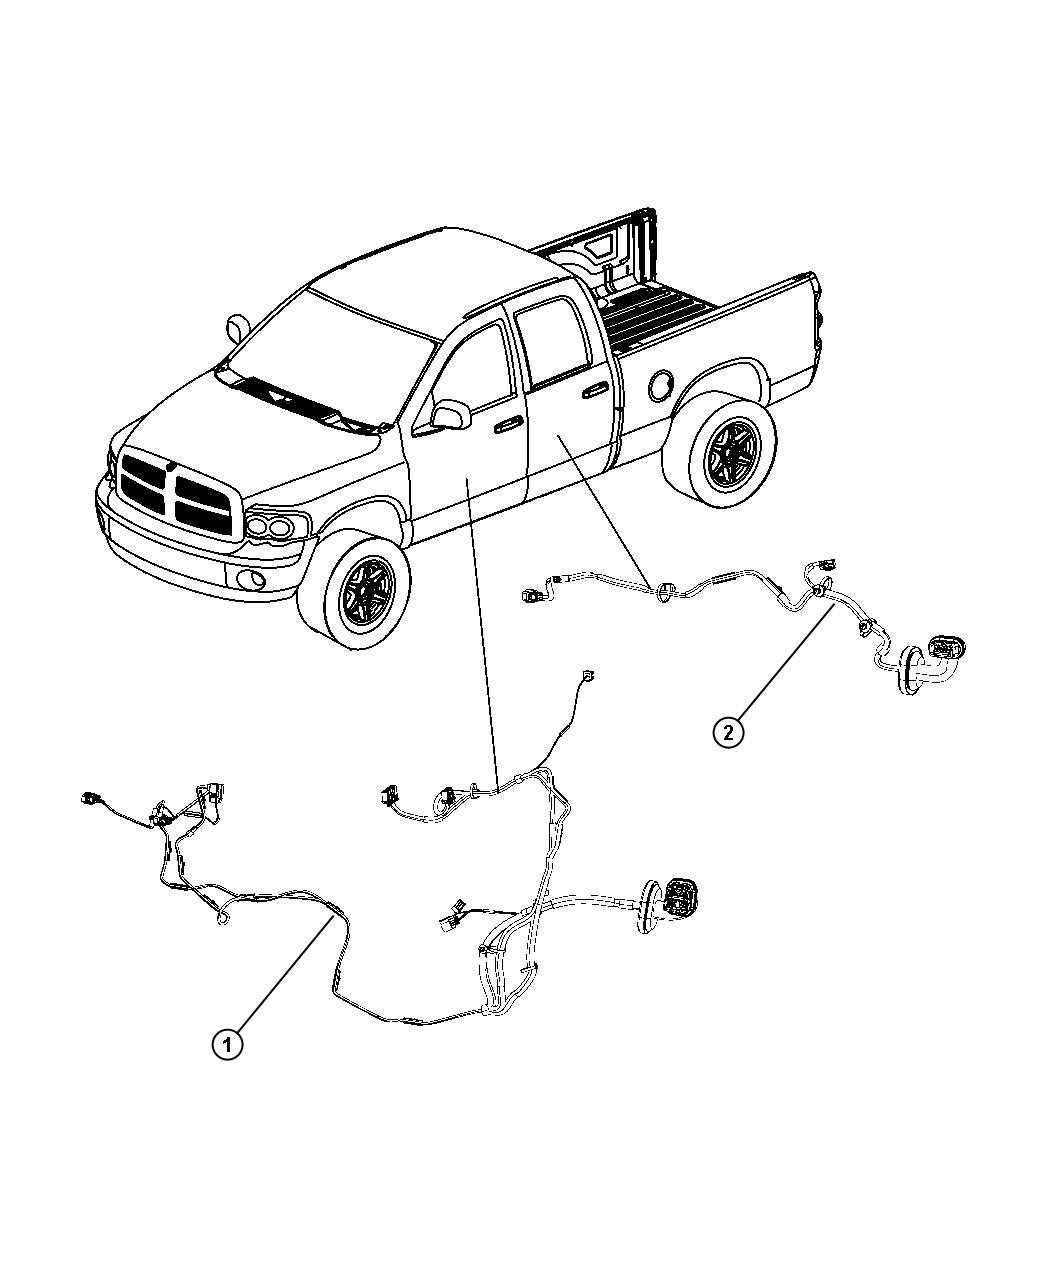 Dodge Ram 2500 Wiring. Rear door. Right or left. [power